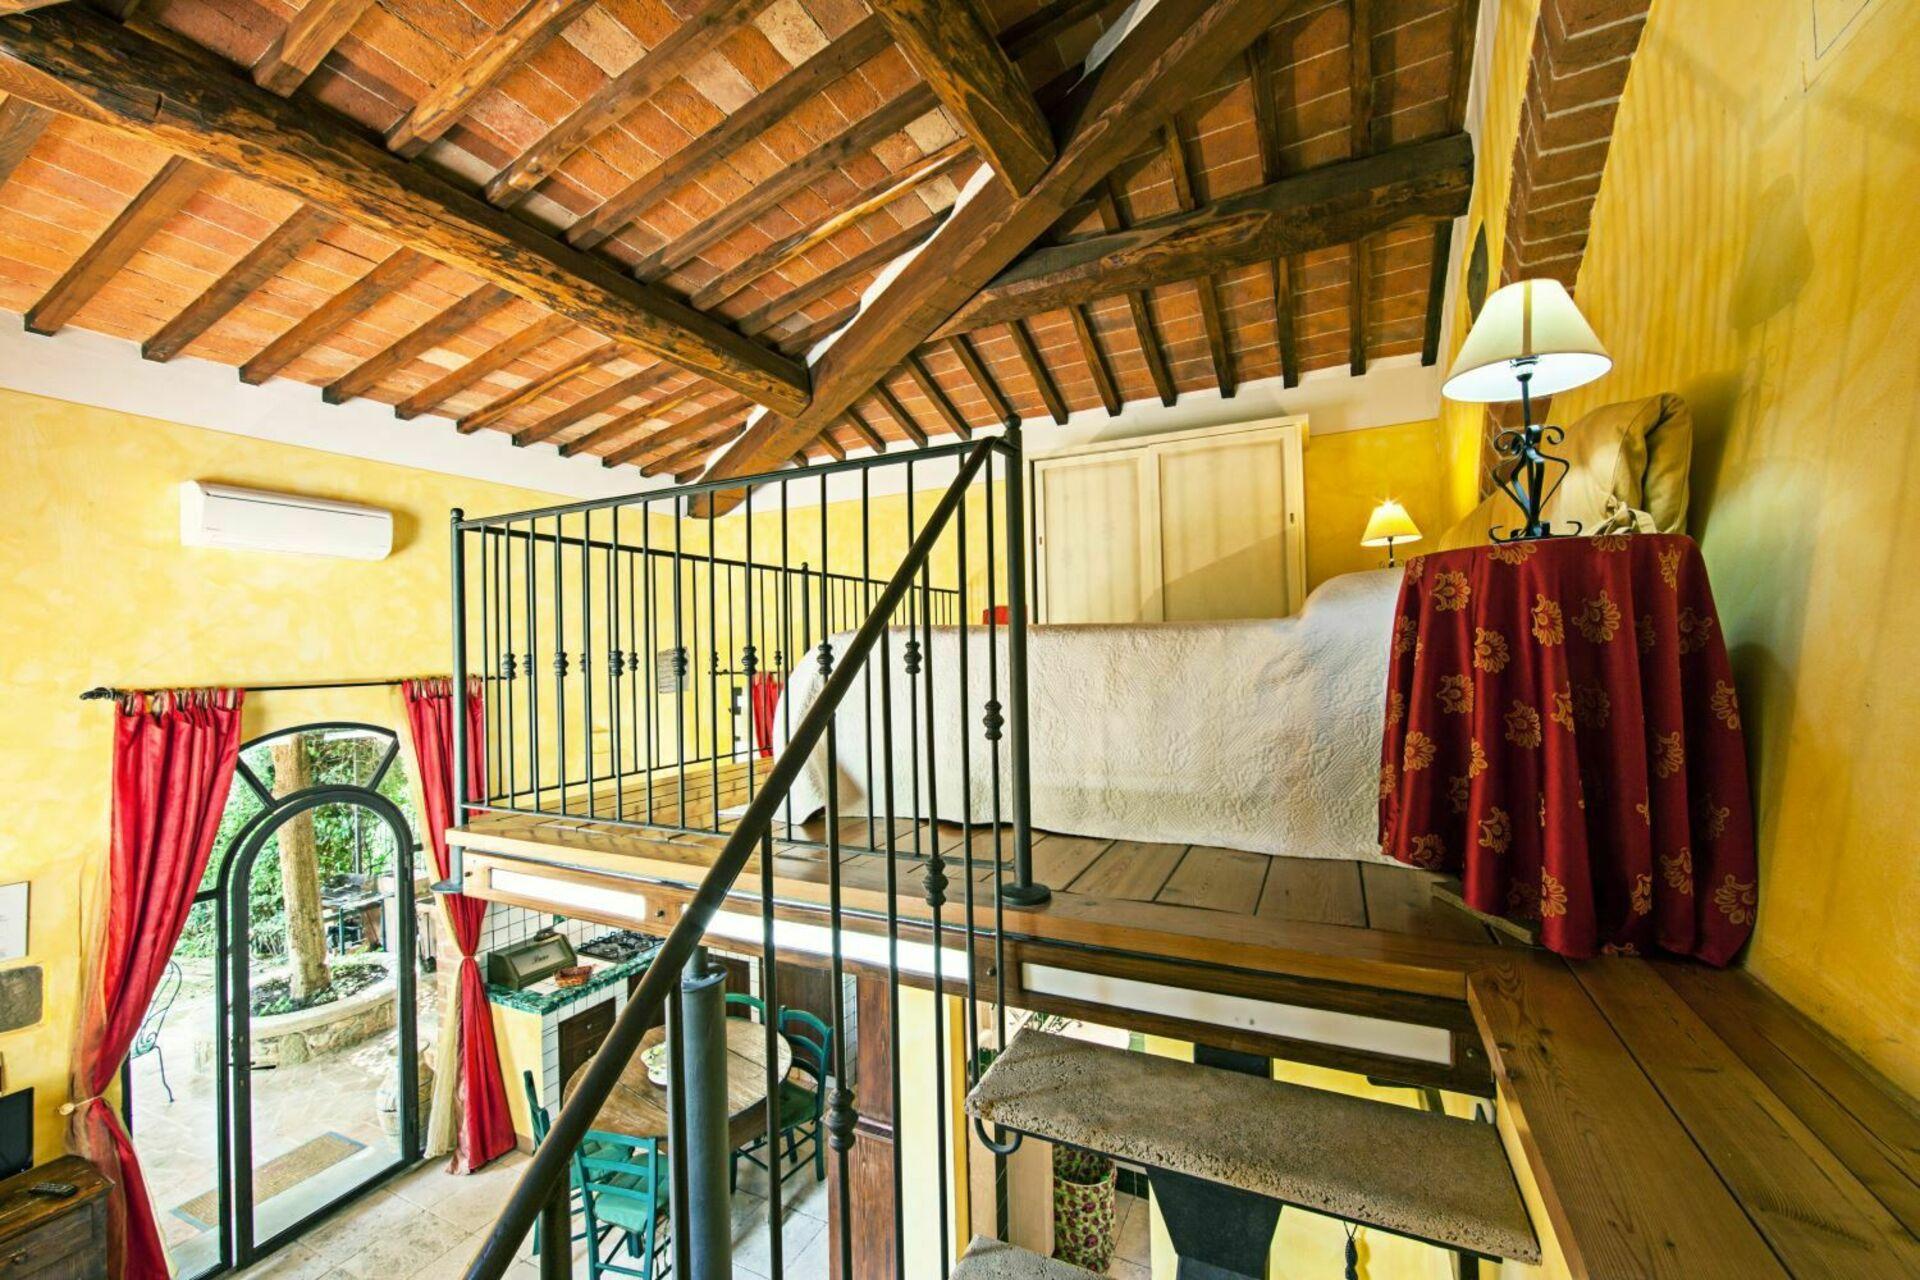 La limonaia posti letto 3 in 1 camere casa vacanza a for Branson cabin rentals 4 camere da letto